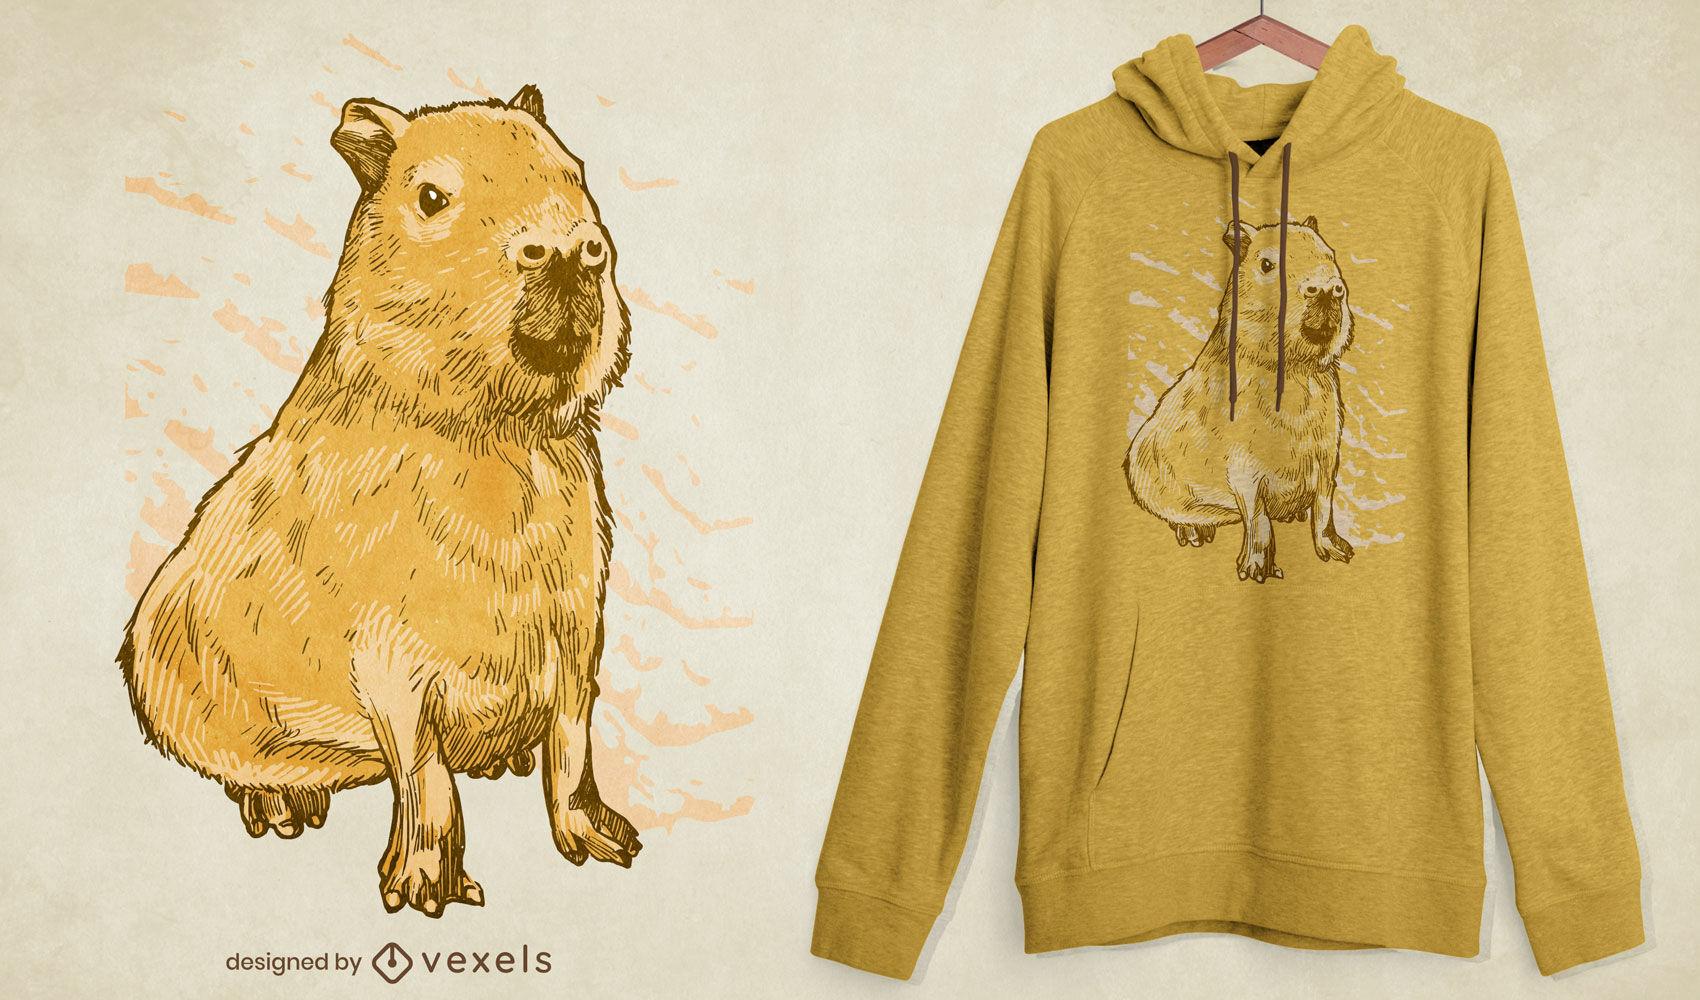 Design realista de camisetas com animais de capivara